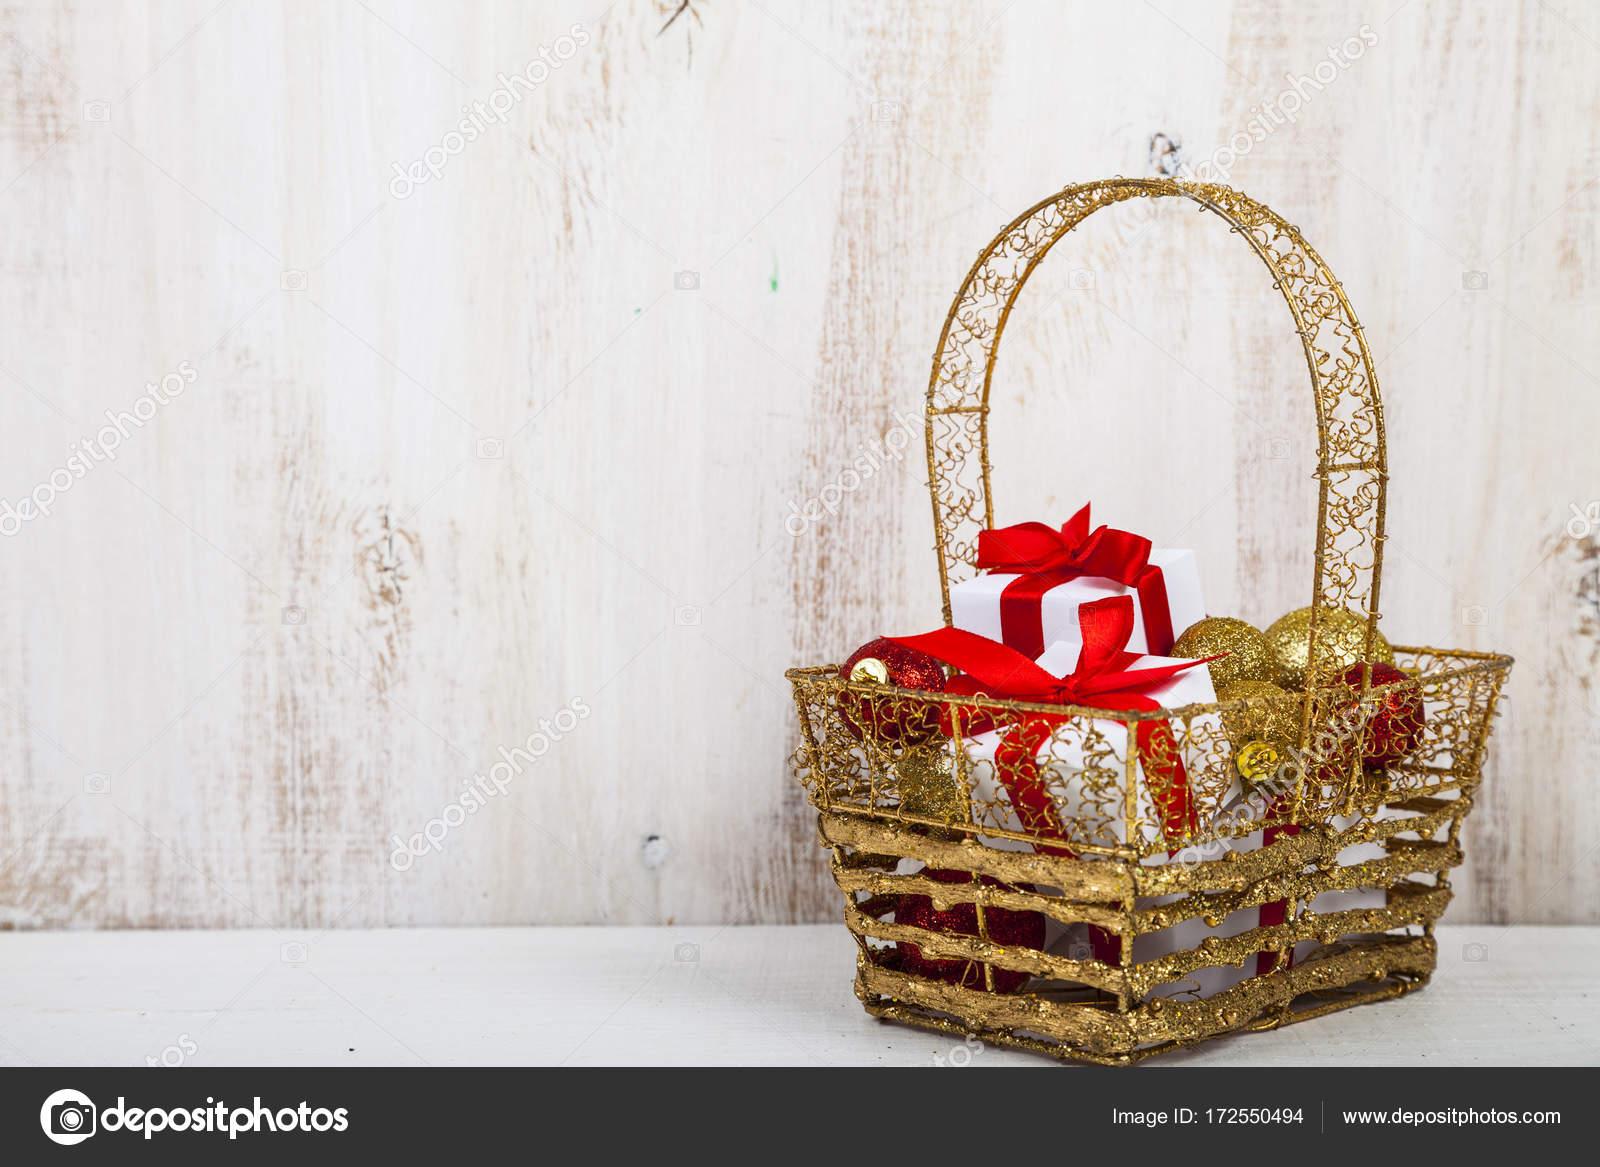 Goldenen Korb mit Weihnachtsgeschenke — Stockfoto © Enika100 #172550494